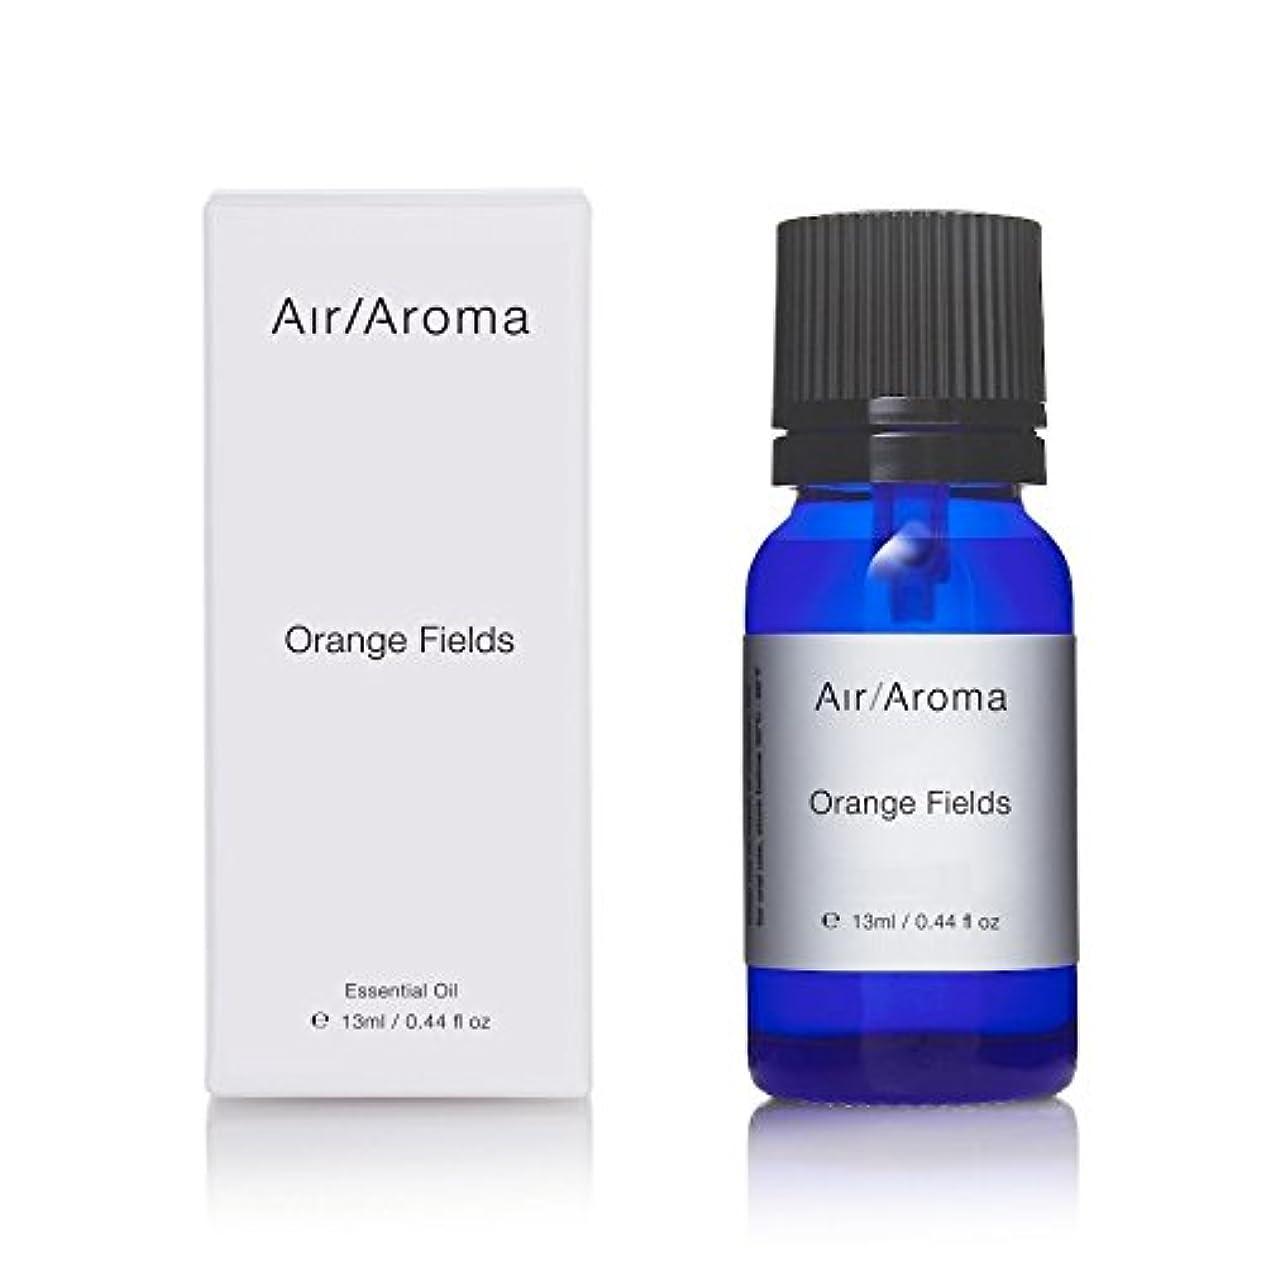 クレデンシャル手を差し伸べる過剰エアアロマ orange fields (オレンジフィールド) 13ml